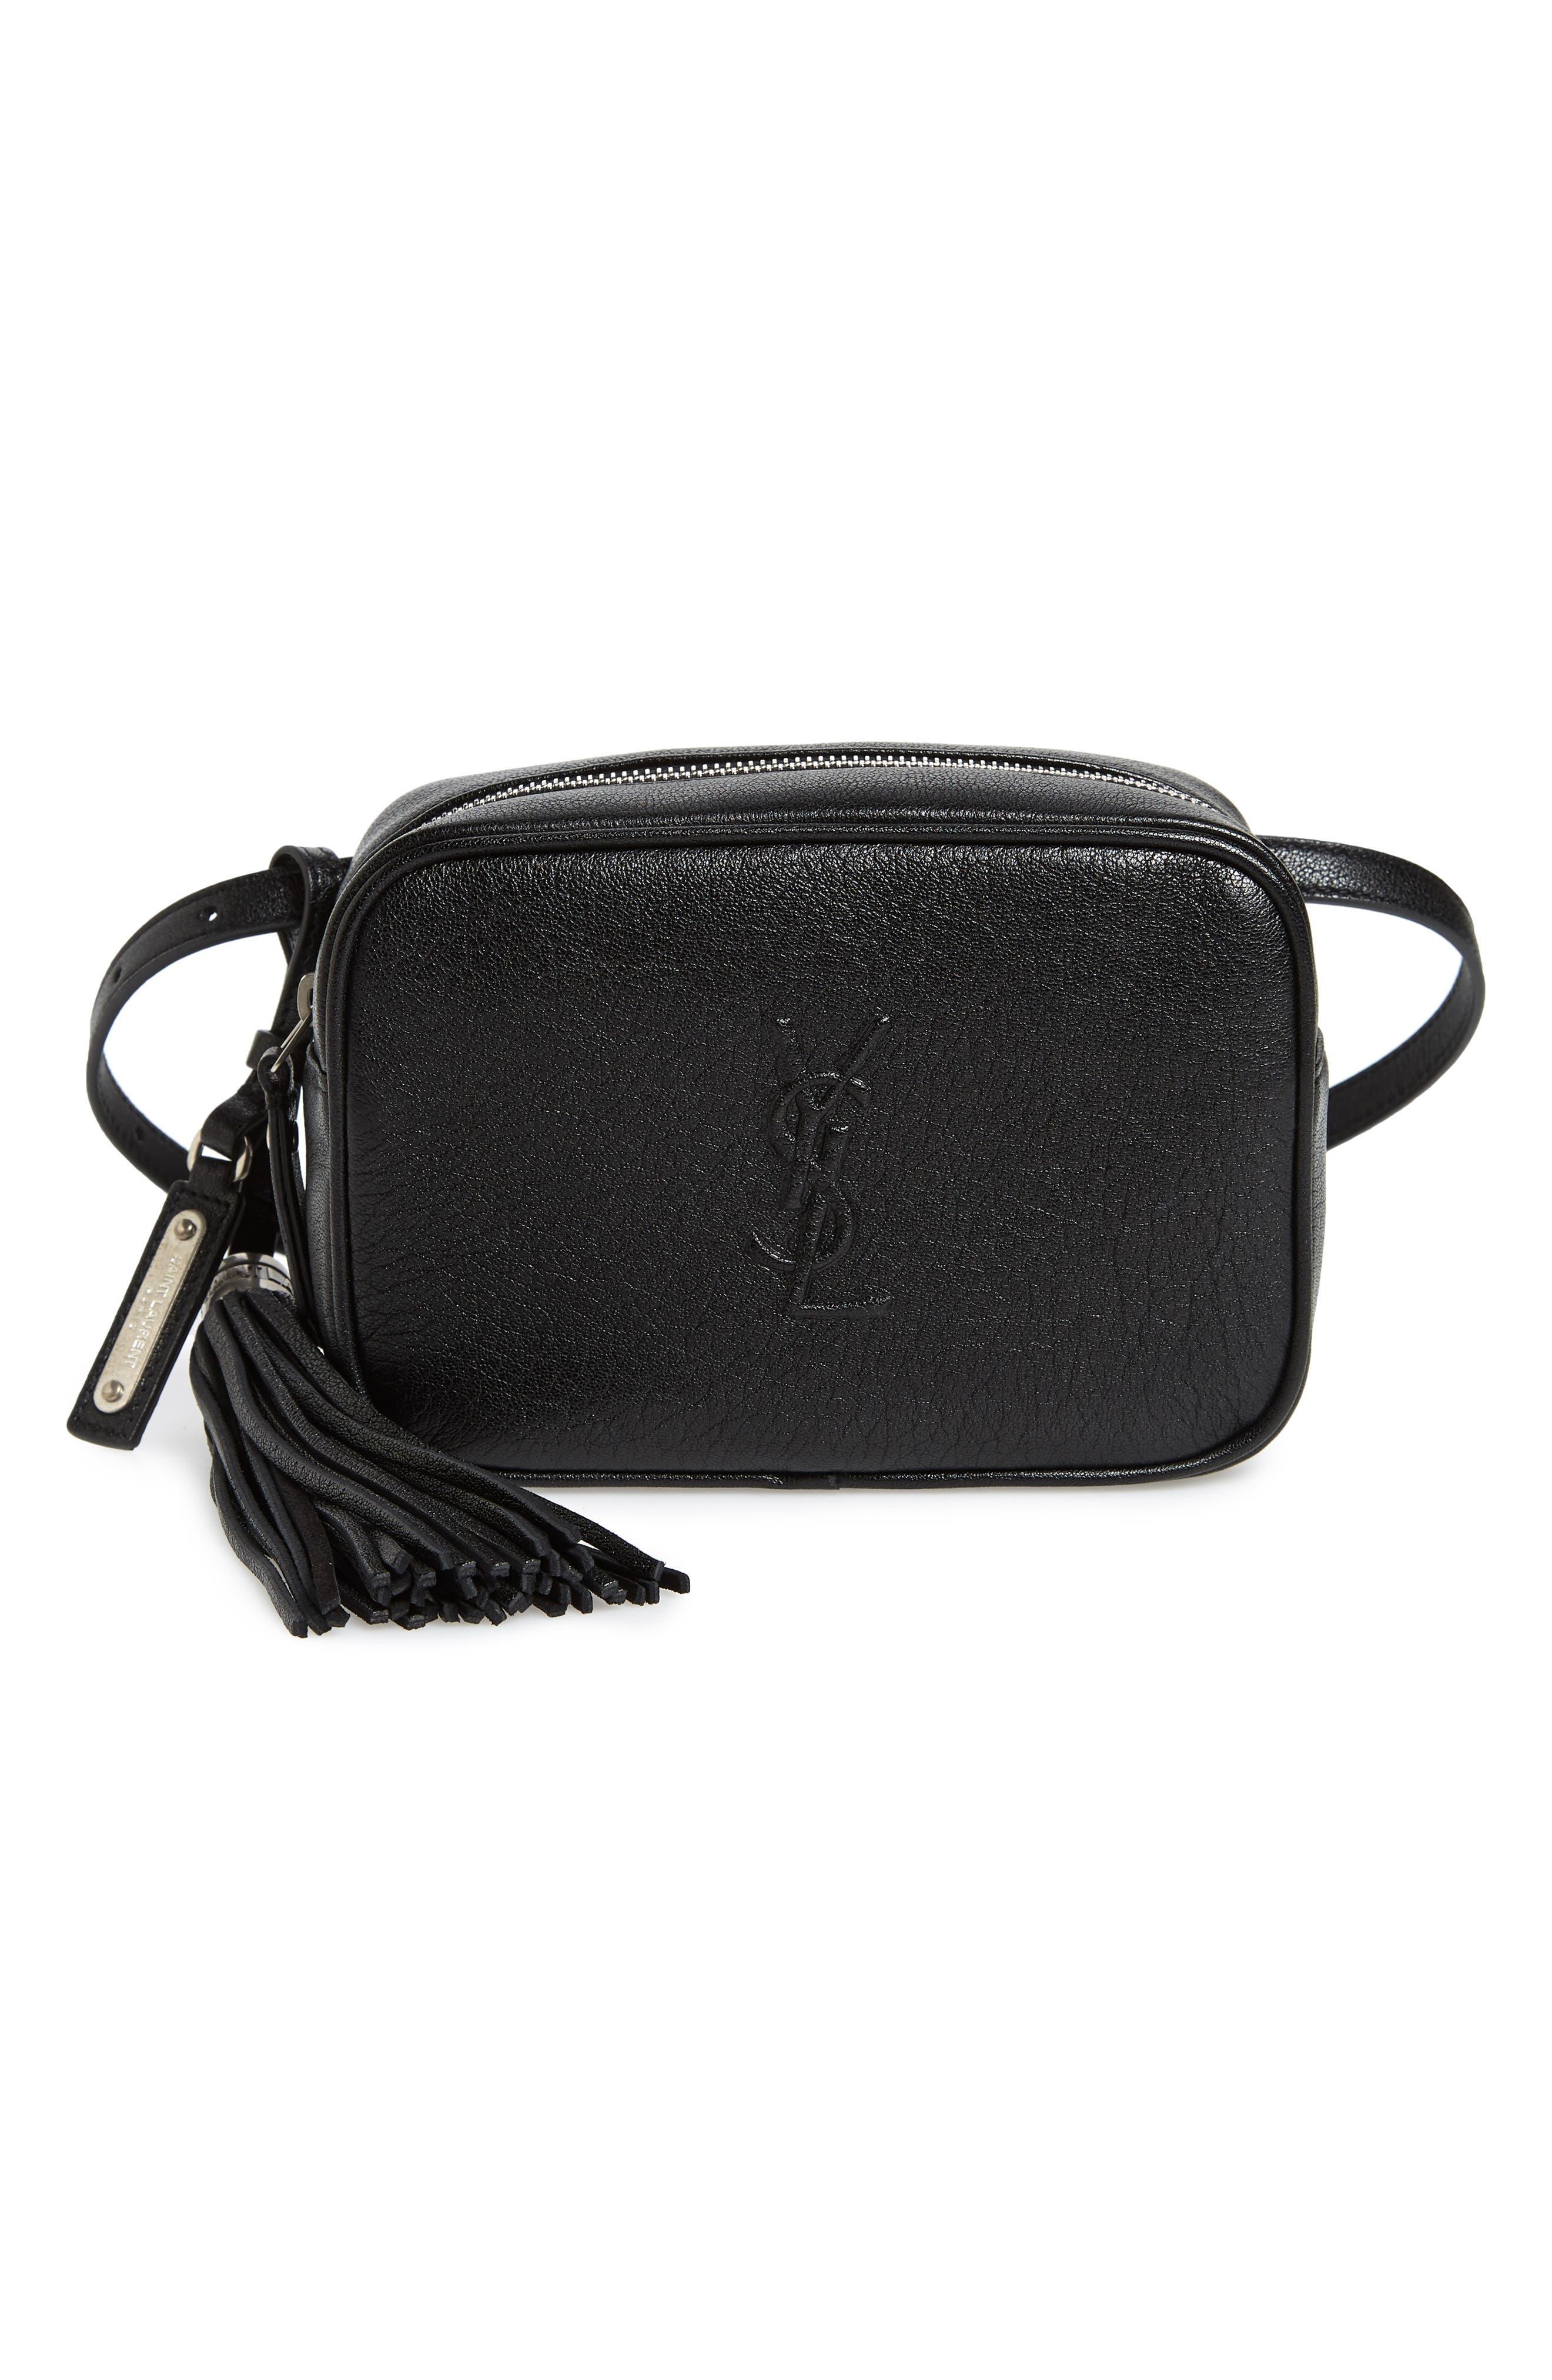 Loulou Tassel Leather Belt Bag,                             Main thumbnail 1, color,                             Noir